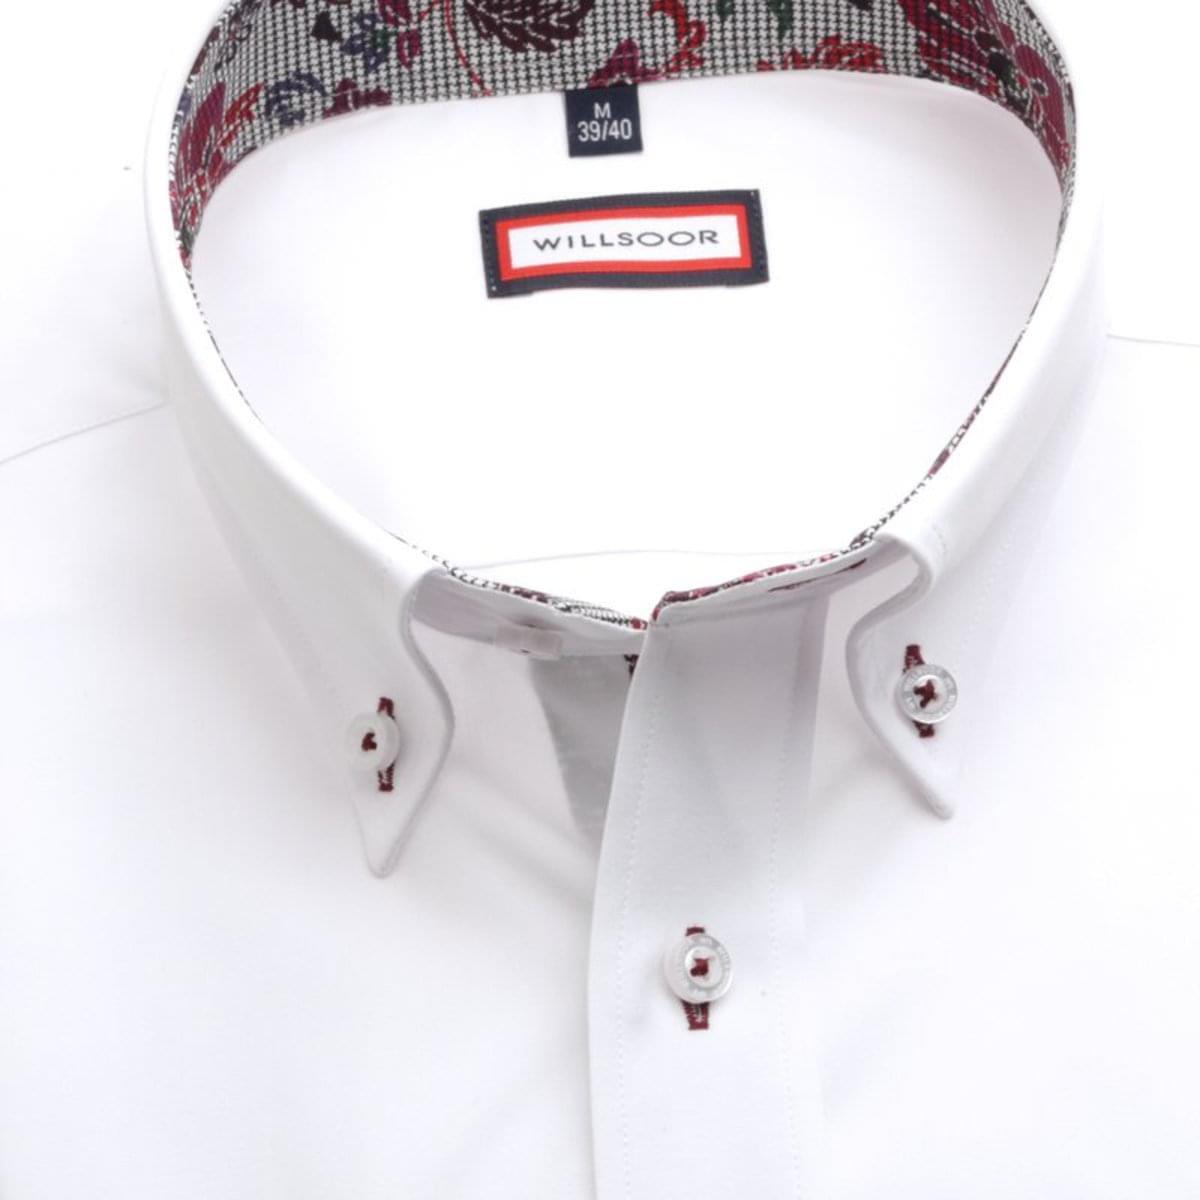 Pánská slim fit košile (výška 188-194) 7626 v bílé barvě 188-194 / M (39/40)